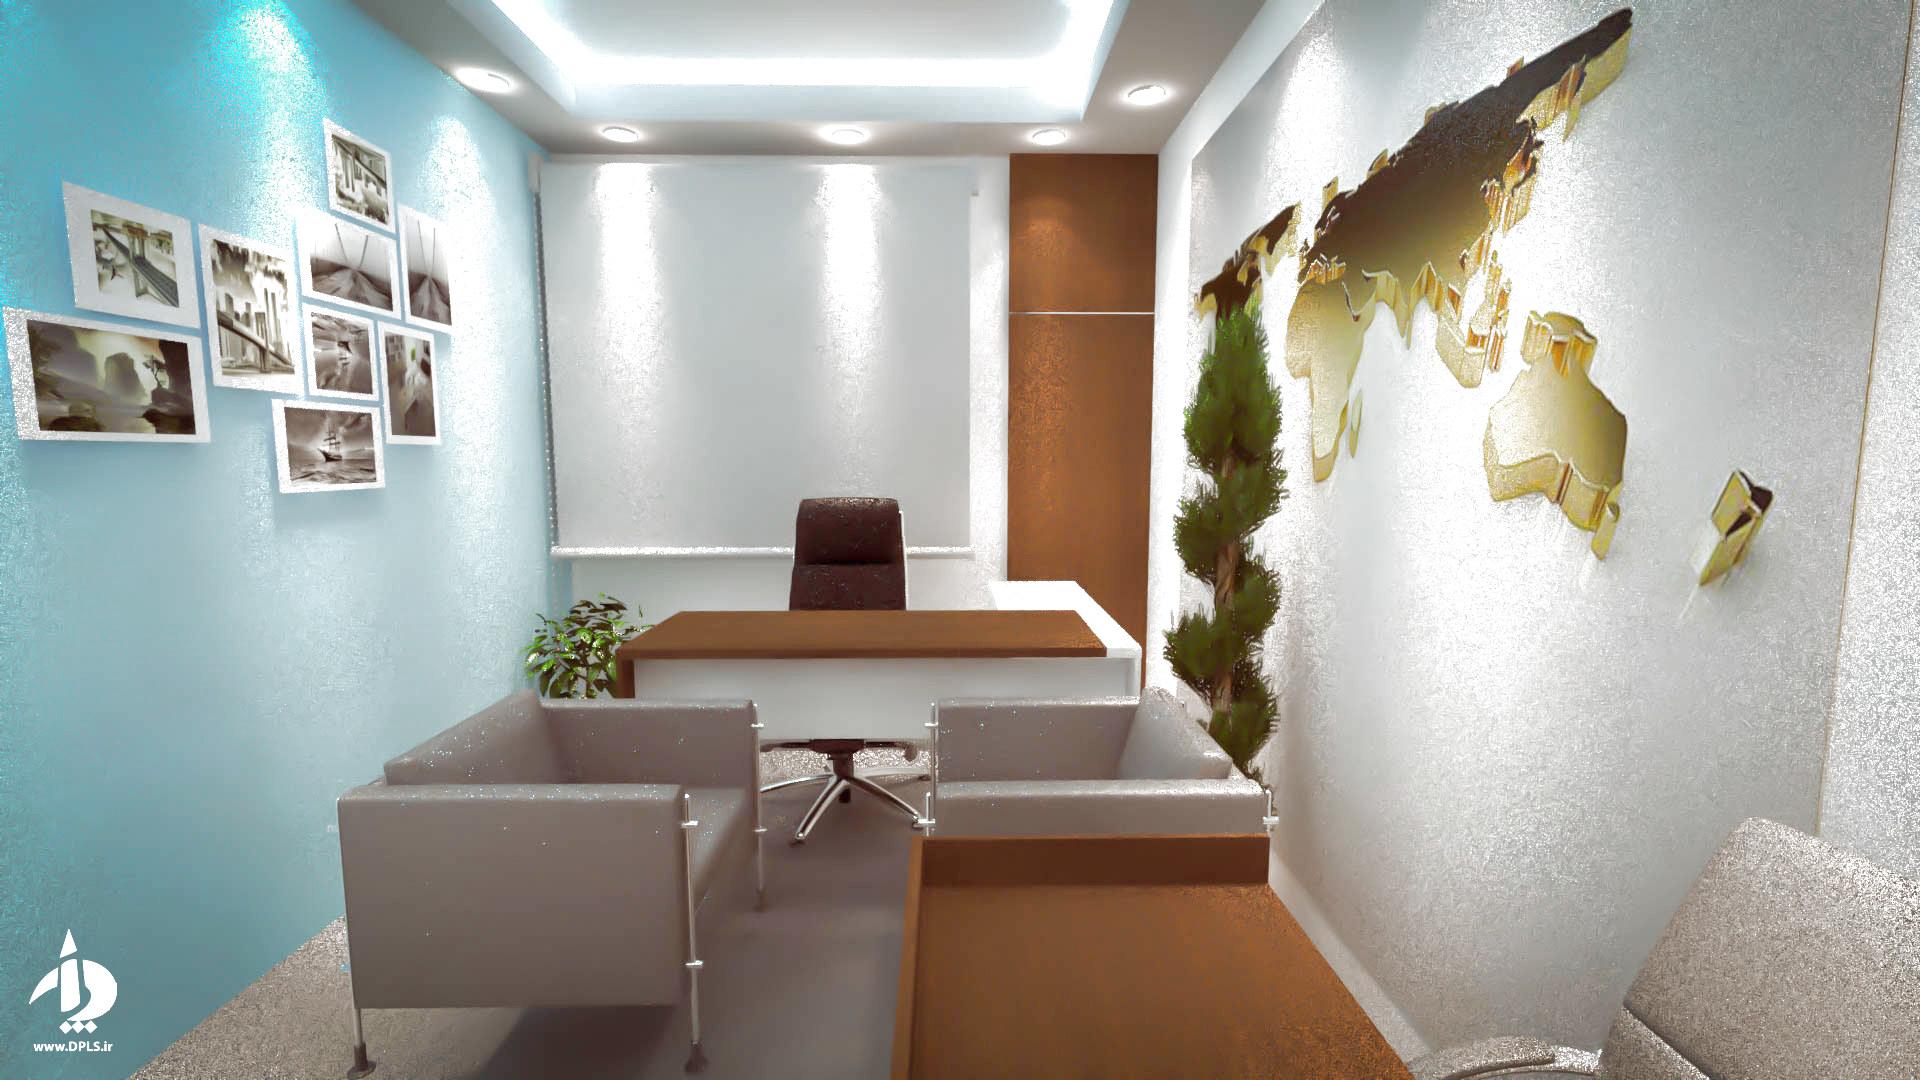 6 - طراحی داخلی شرکت حمل و نقل سما مروارید آسیا